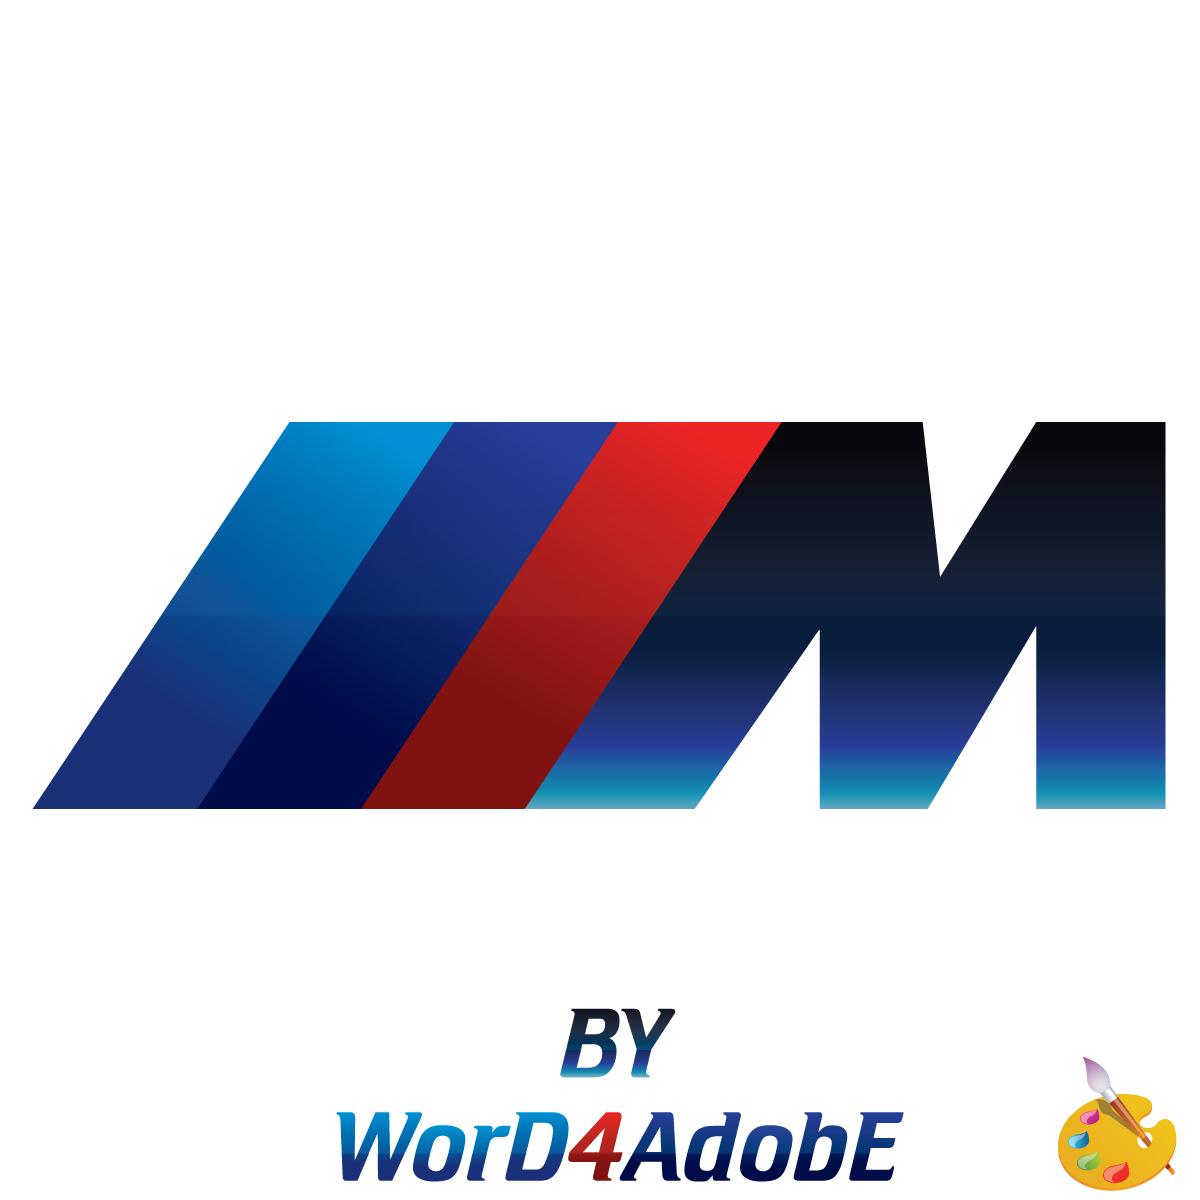 Bmw logo image download